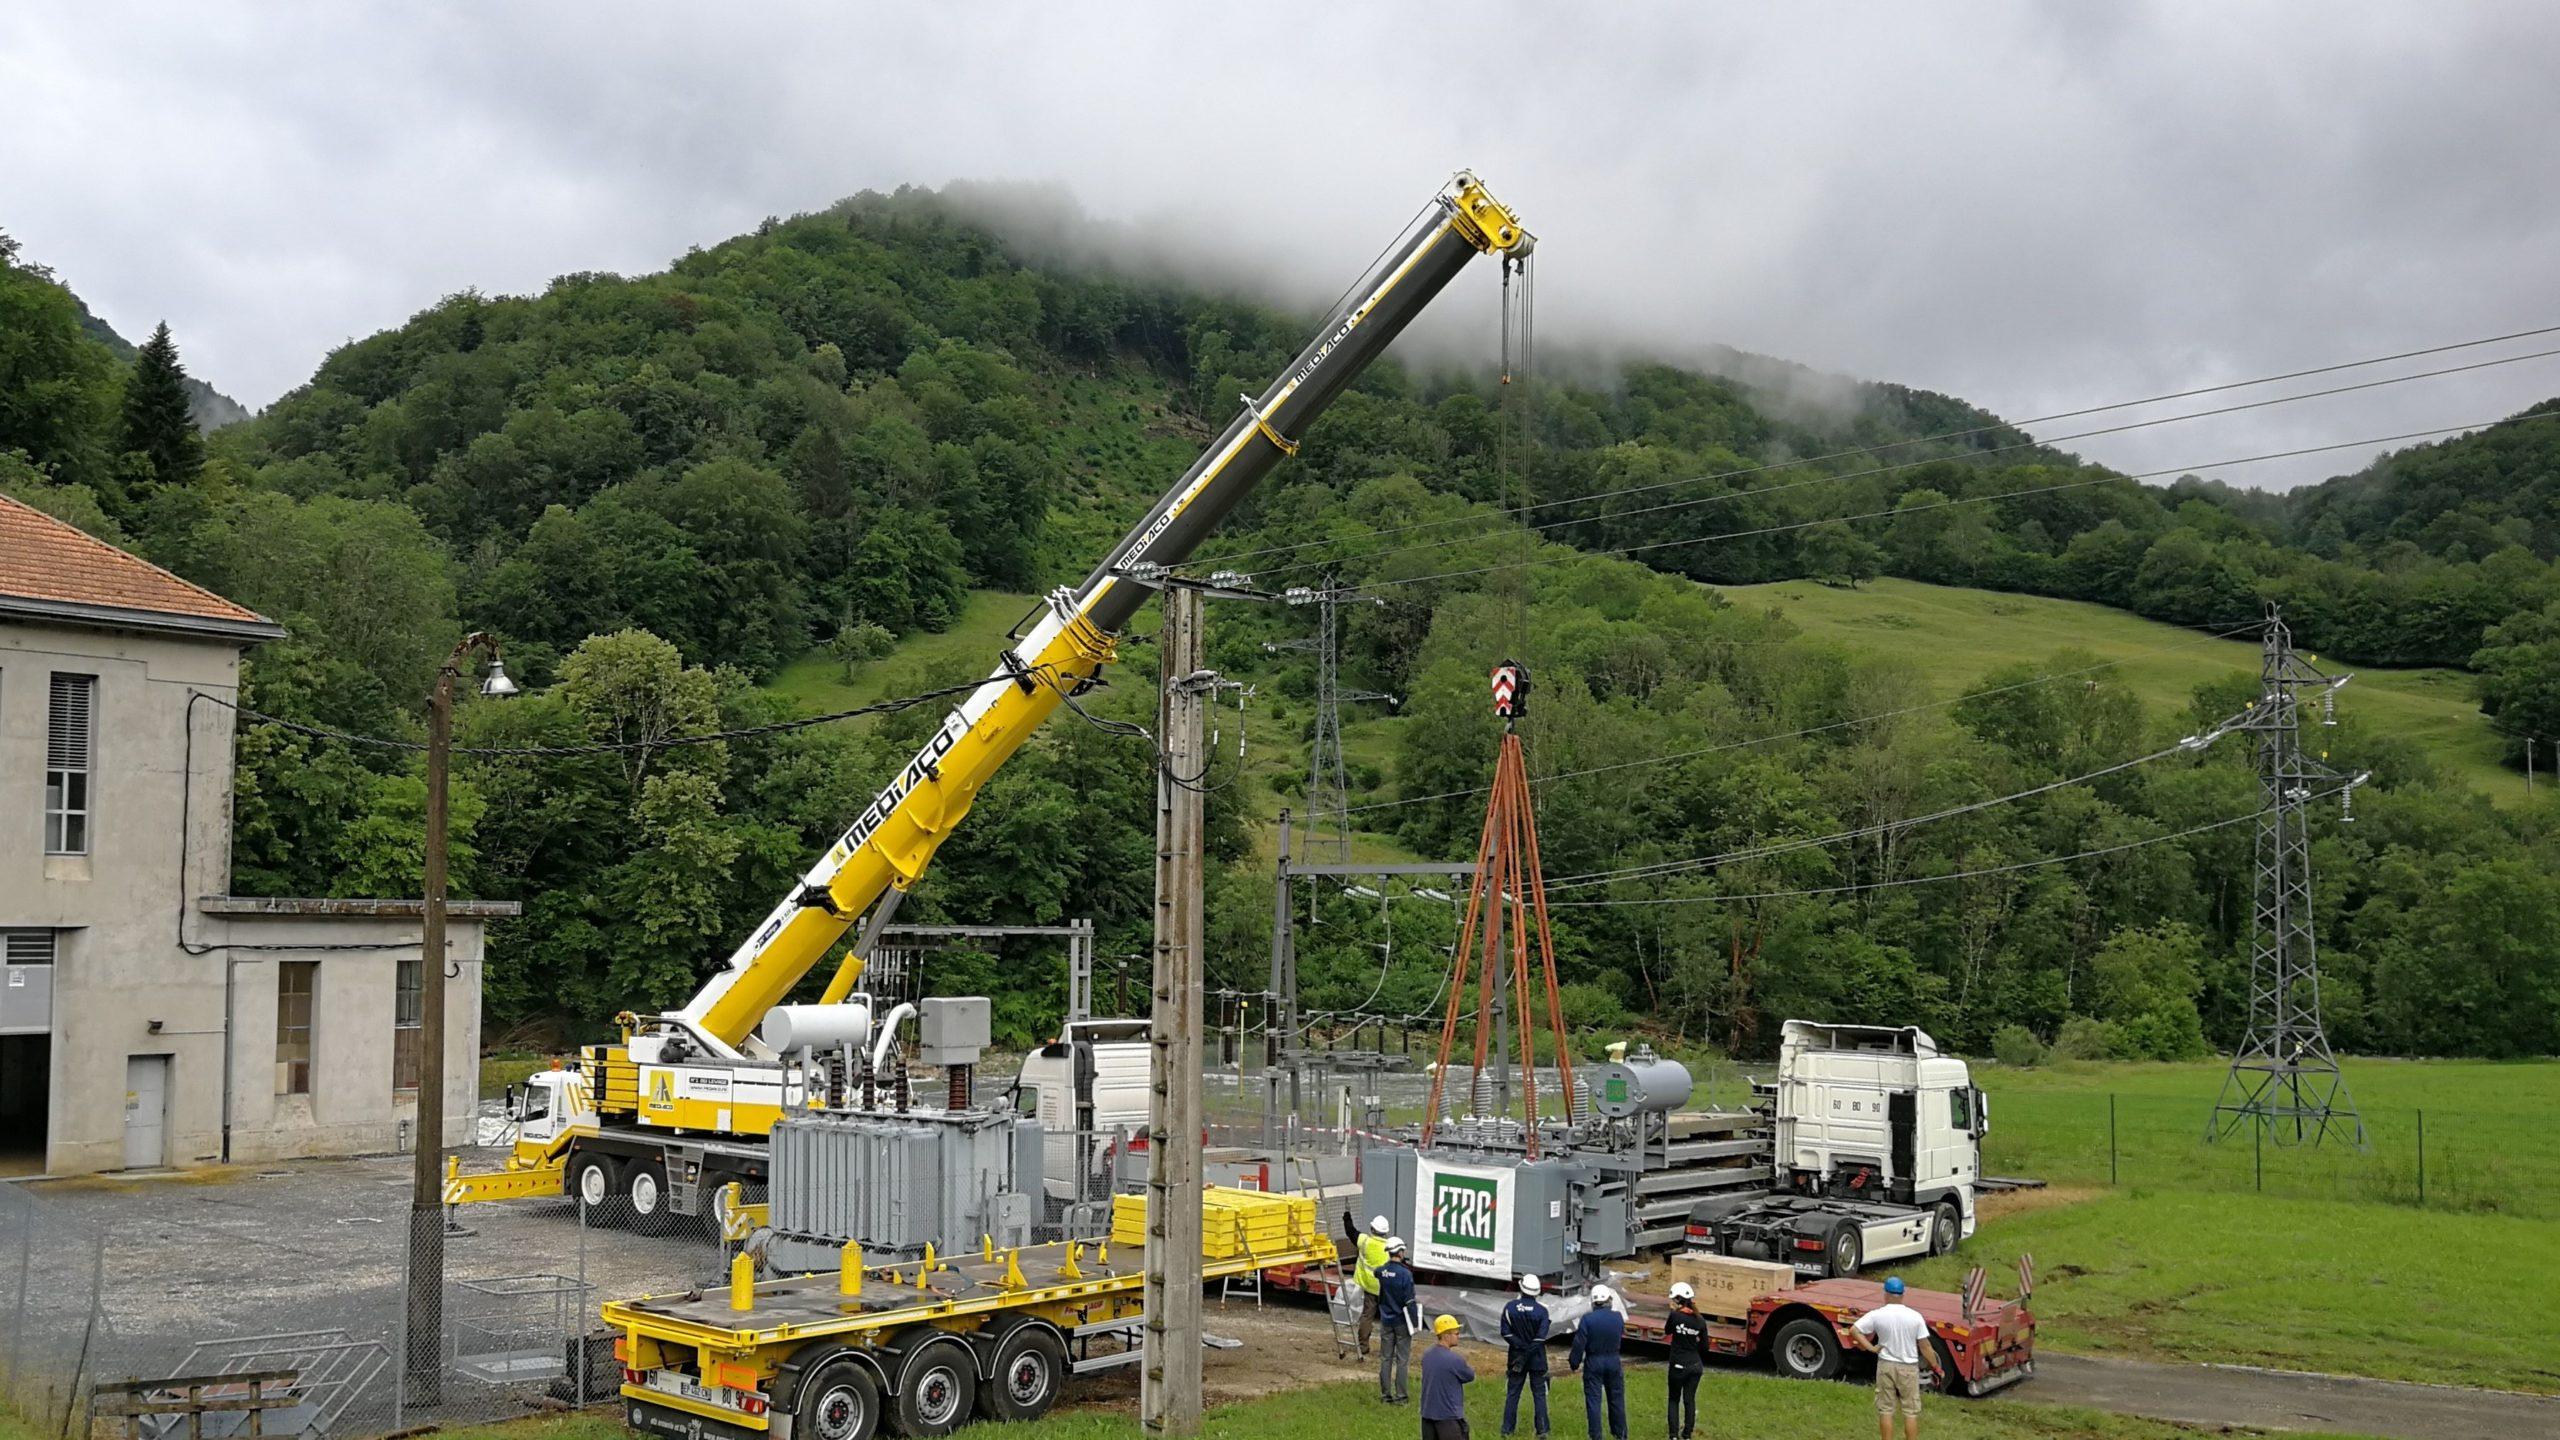 SONEC et kolektor ETRA offre de service clef en main KESA pour le montage de vos transformateurs sur site